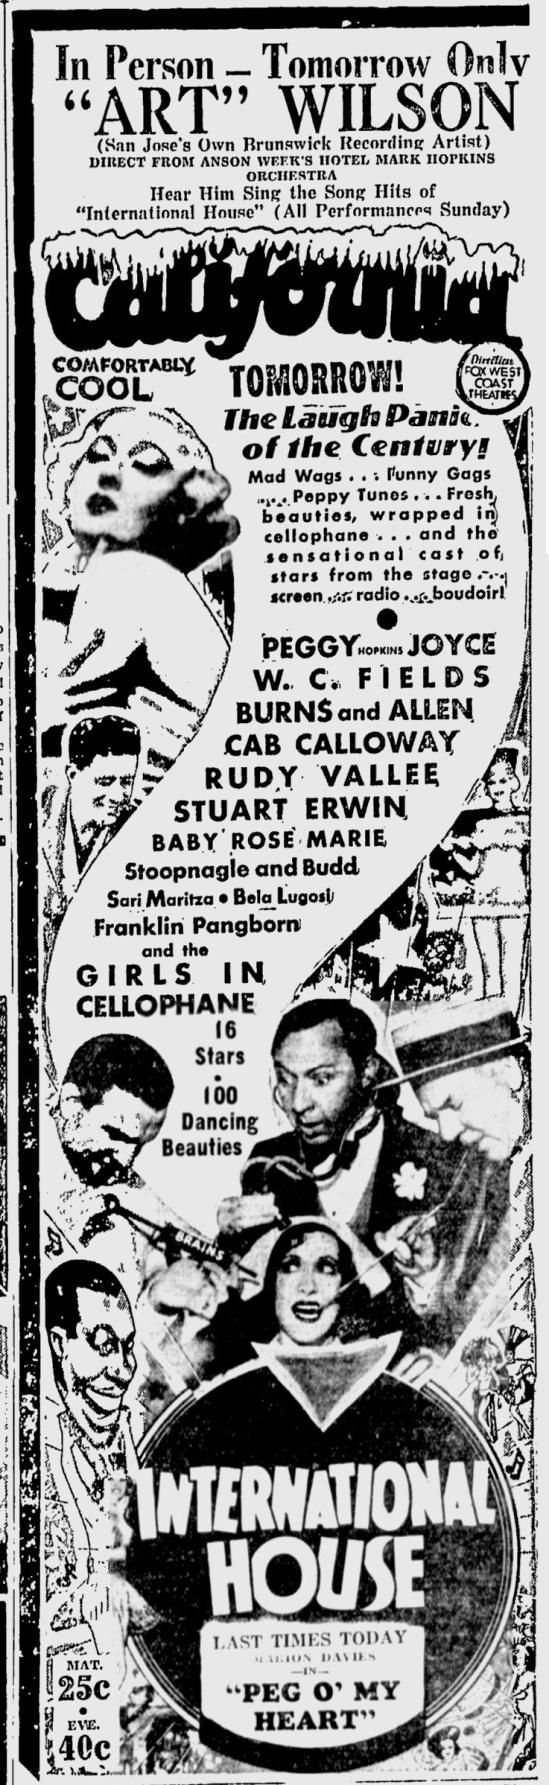 International House, San Jose Evening News, June 16, 1933 b